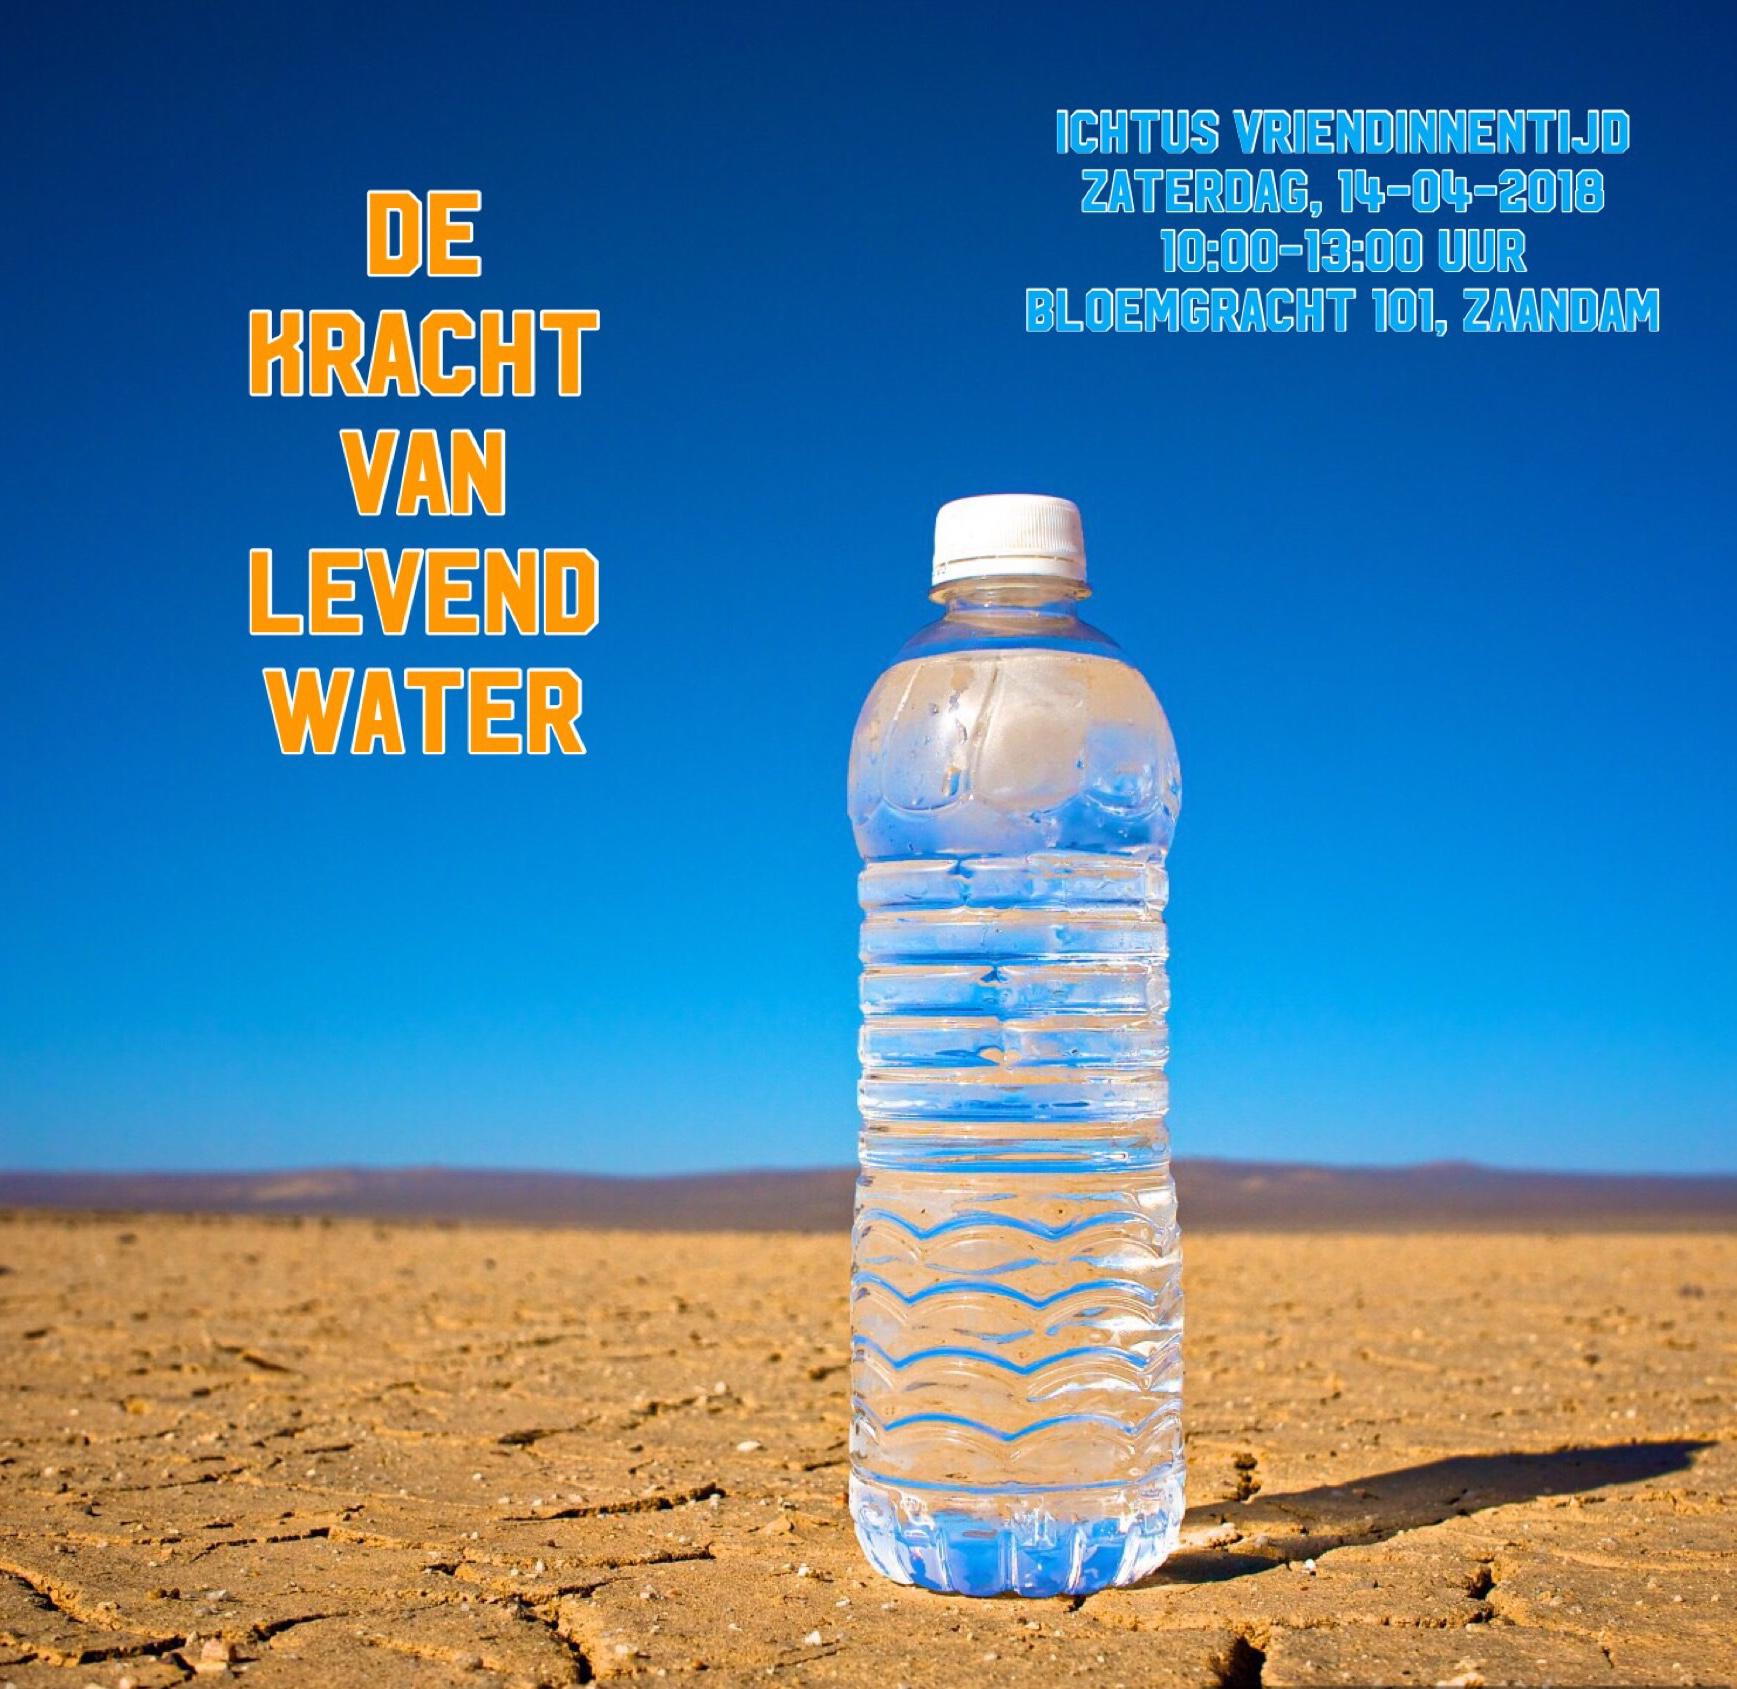 Ichtus Vriendinnentijd 14 april 2018 de kracht van levend water